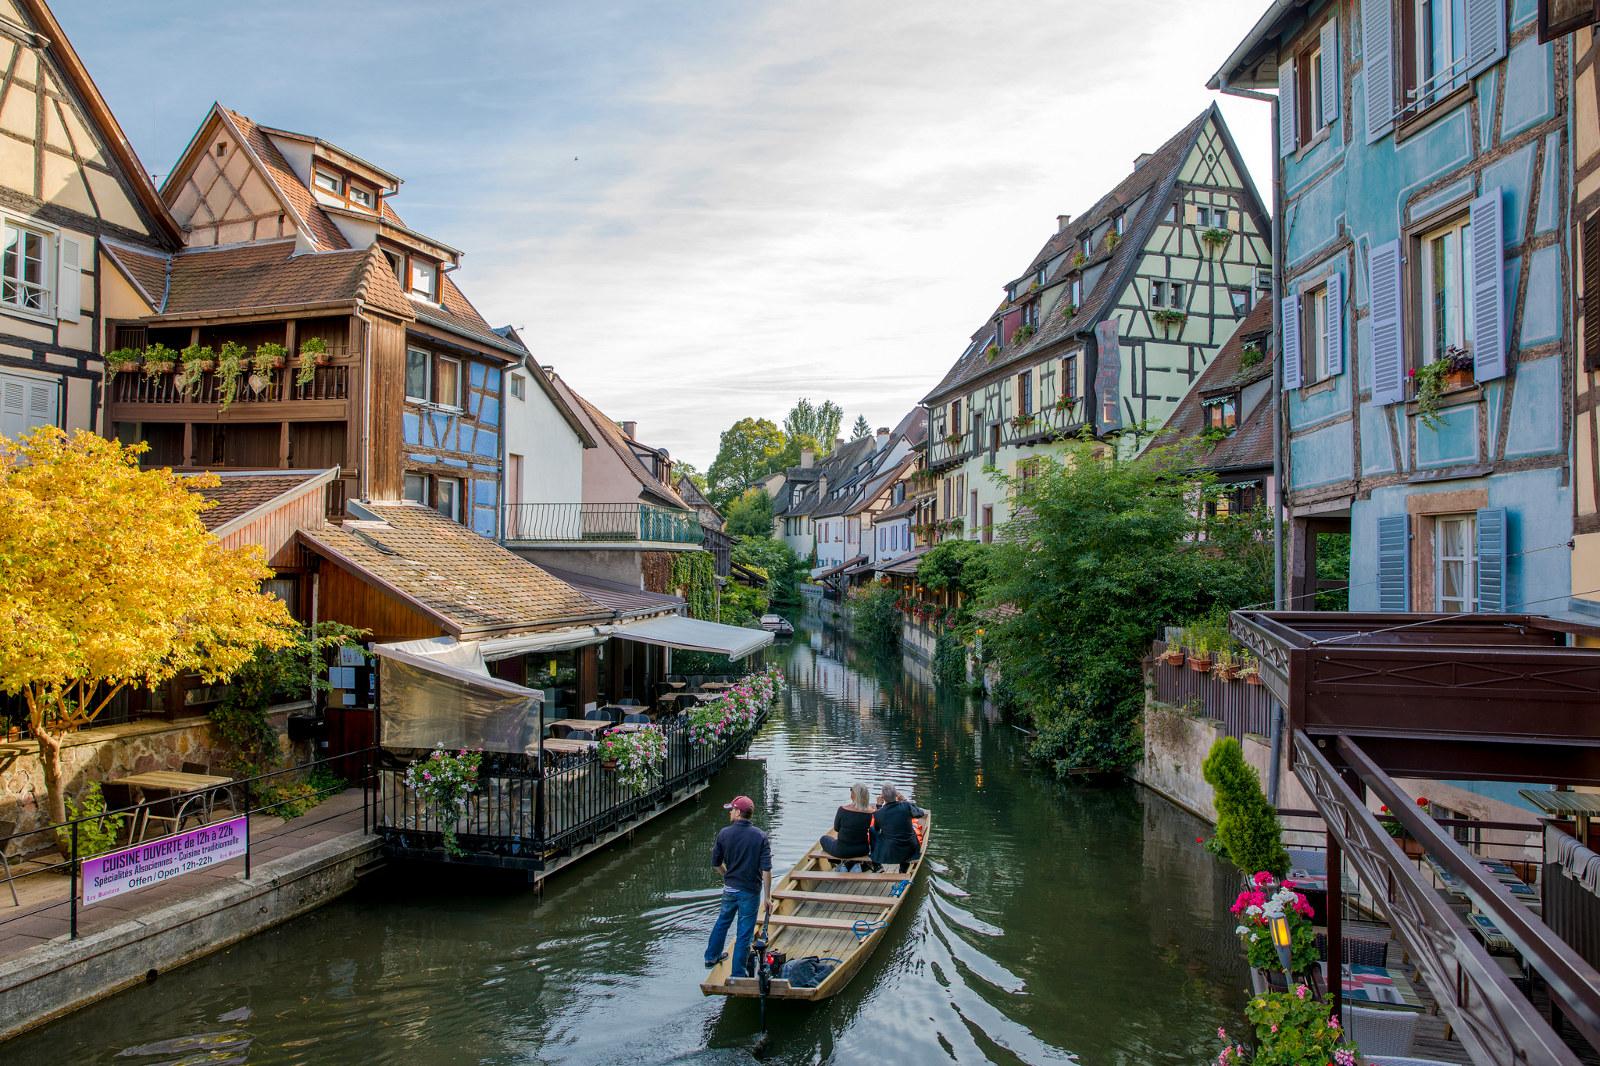 Office de tourisme de colmar en alsace sweet narcisse promenades en barques - Colmar office de tourisme ...